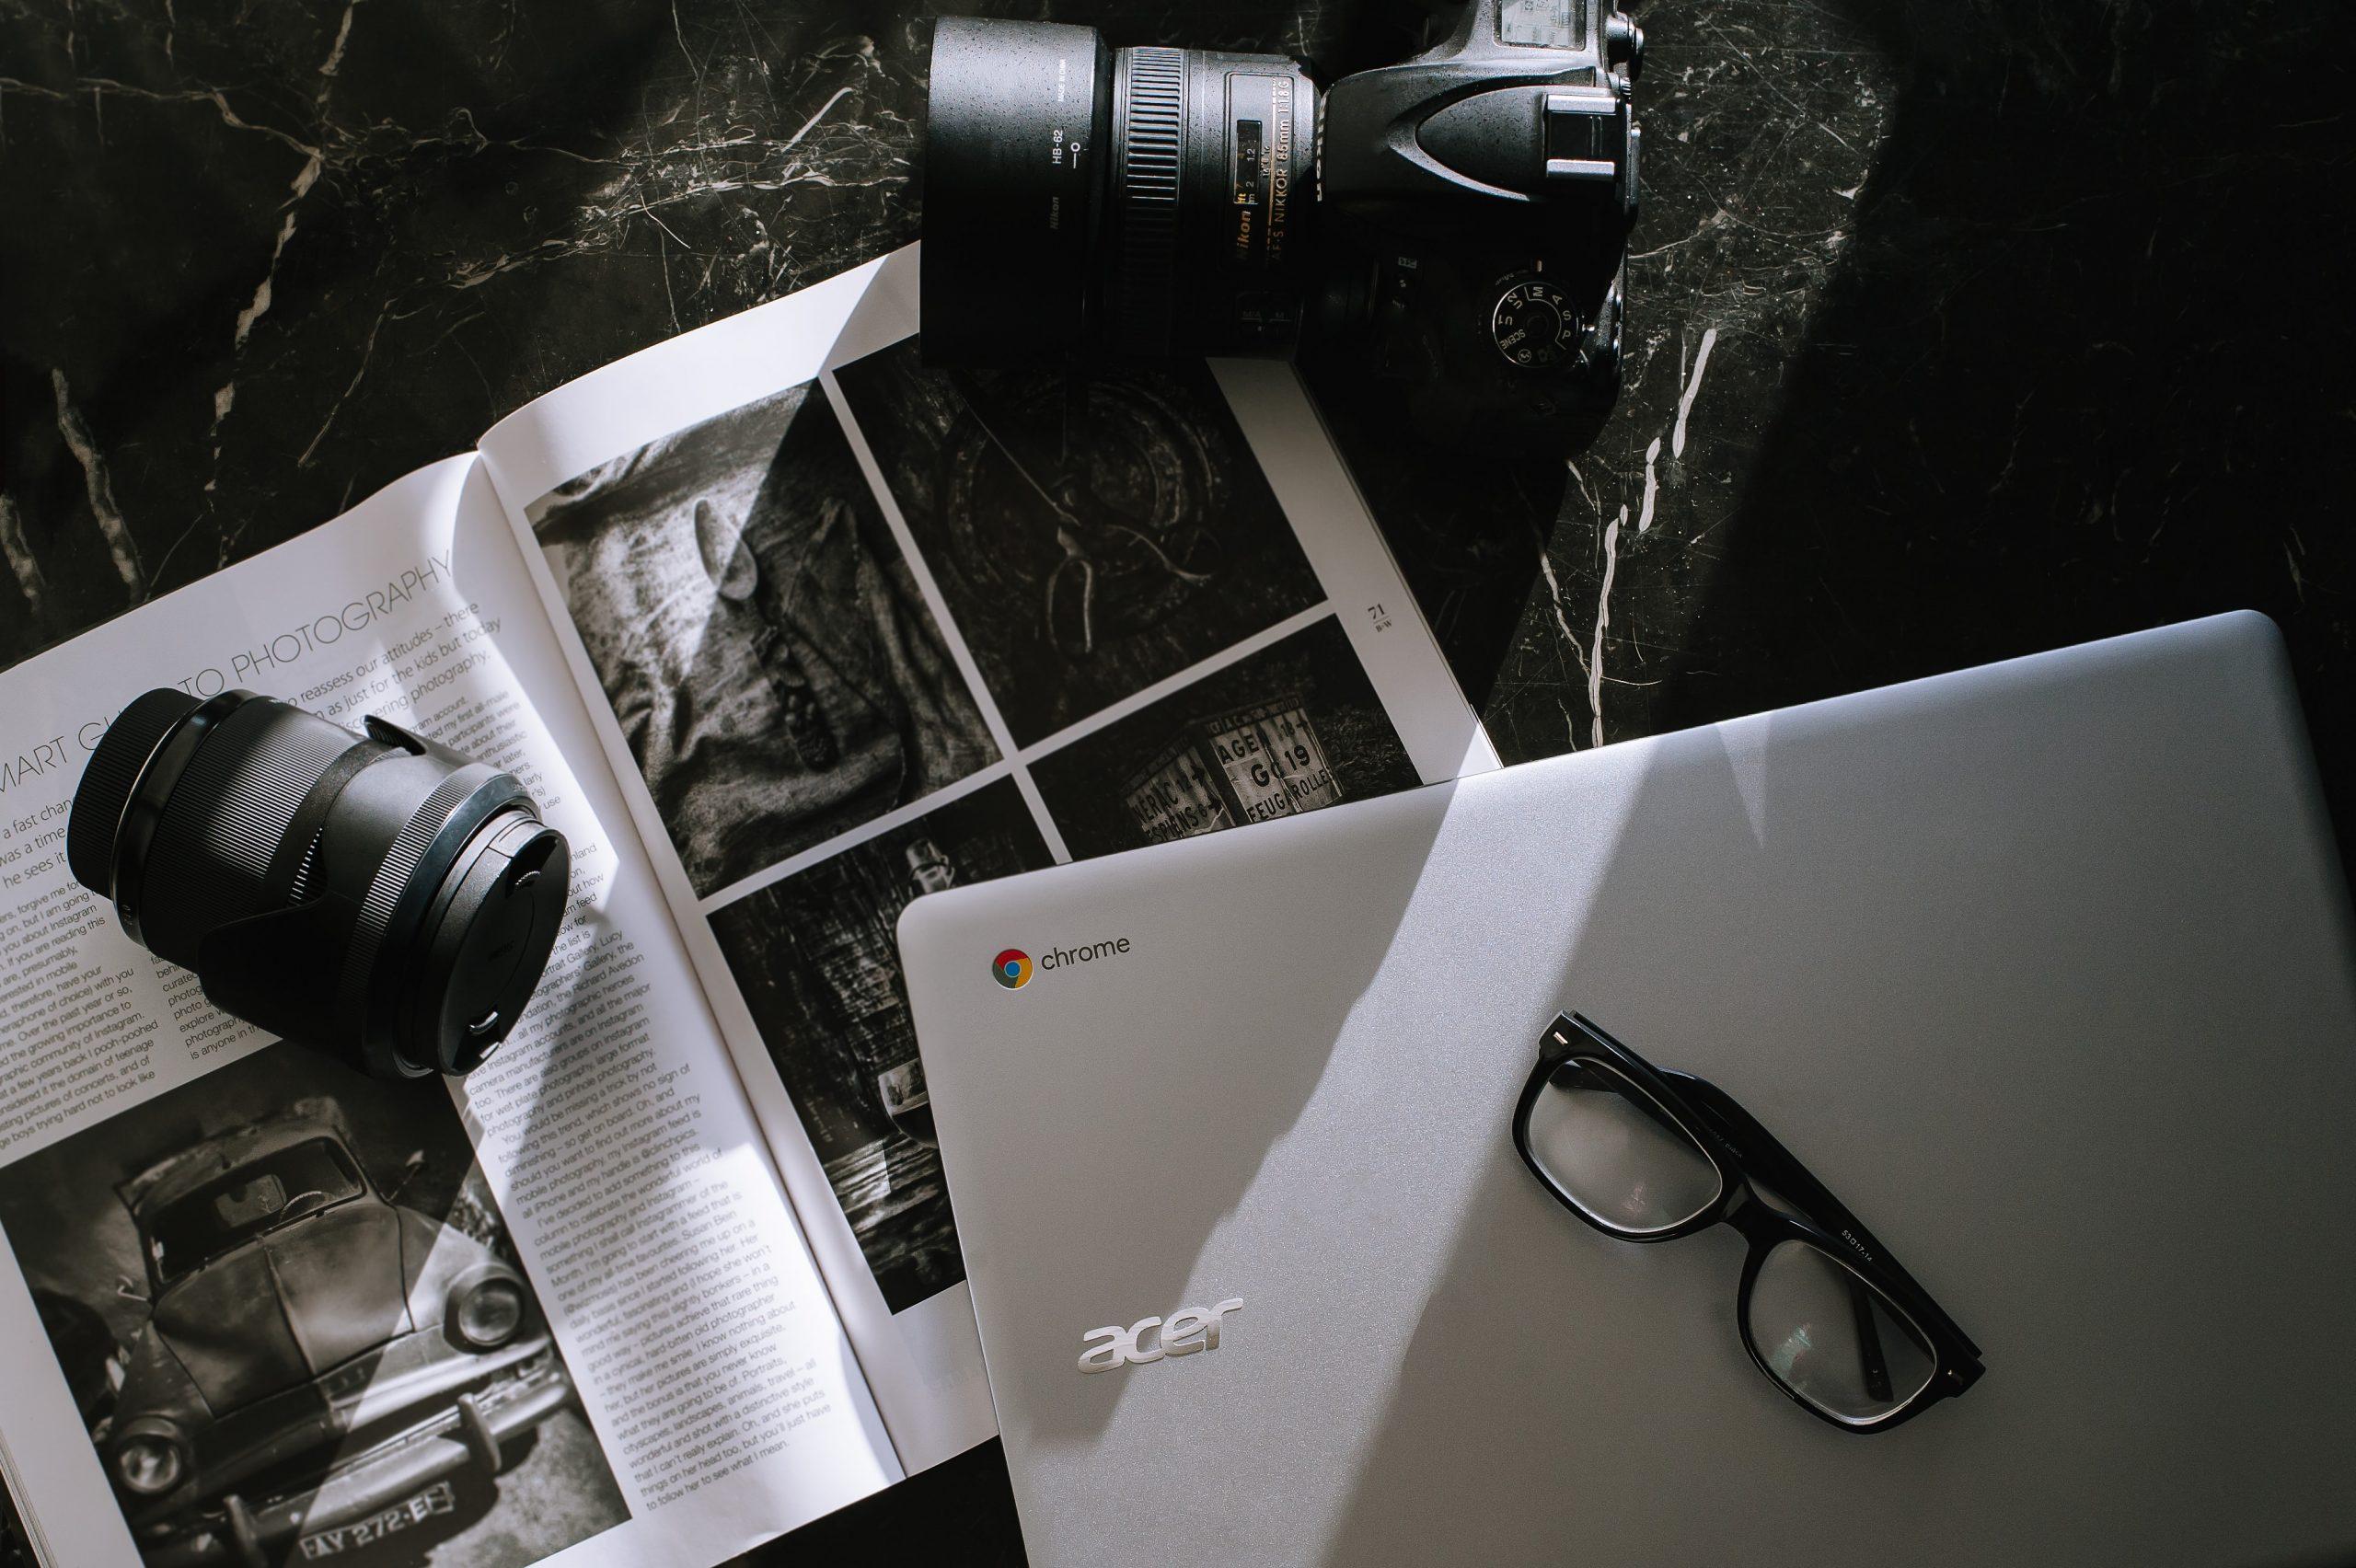 Miglior computer Chromebook 2020: Guida all'acquisto